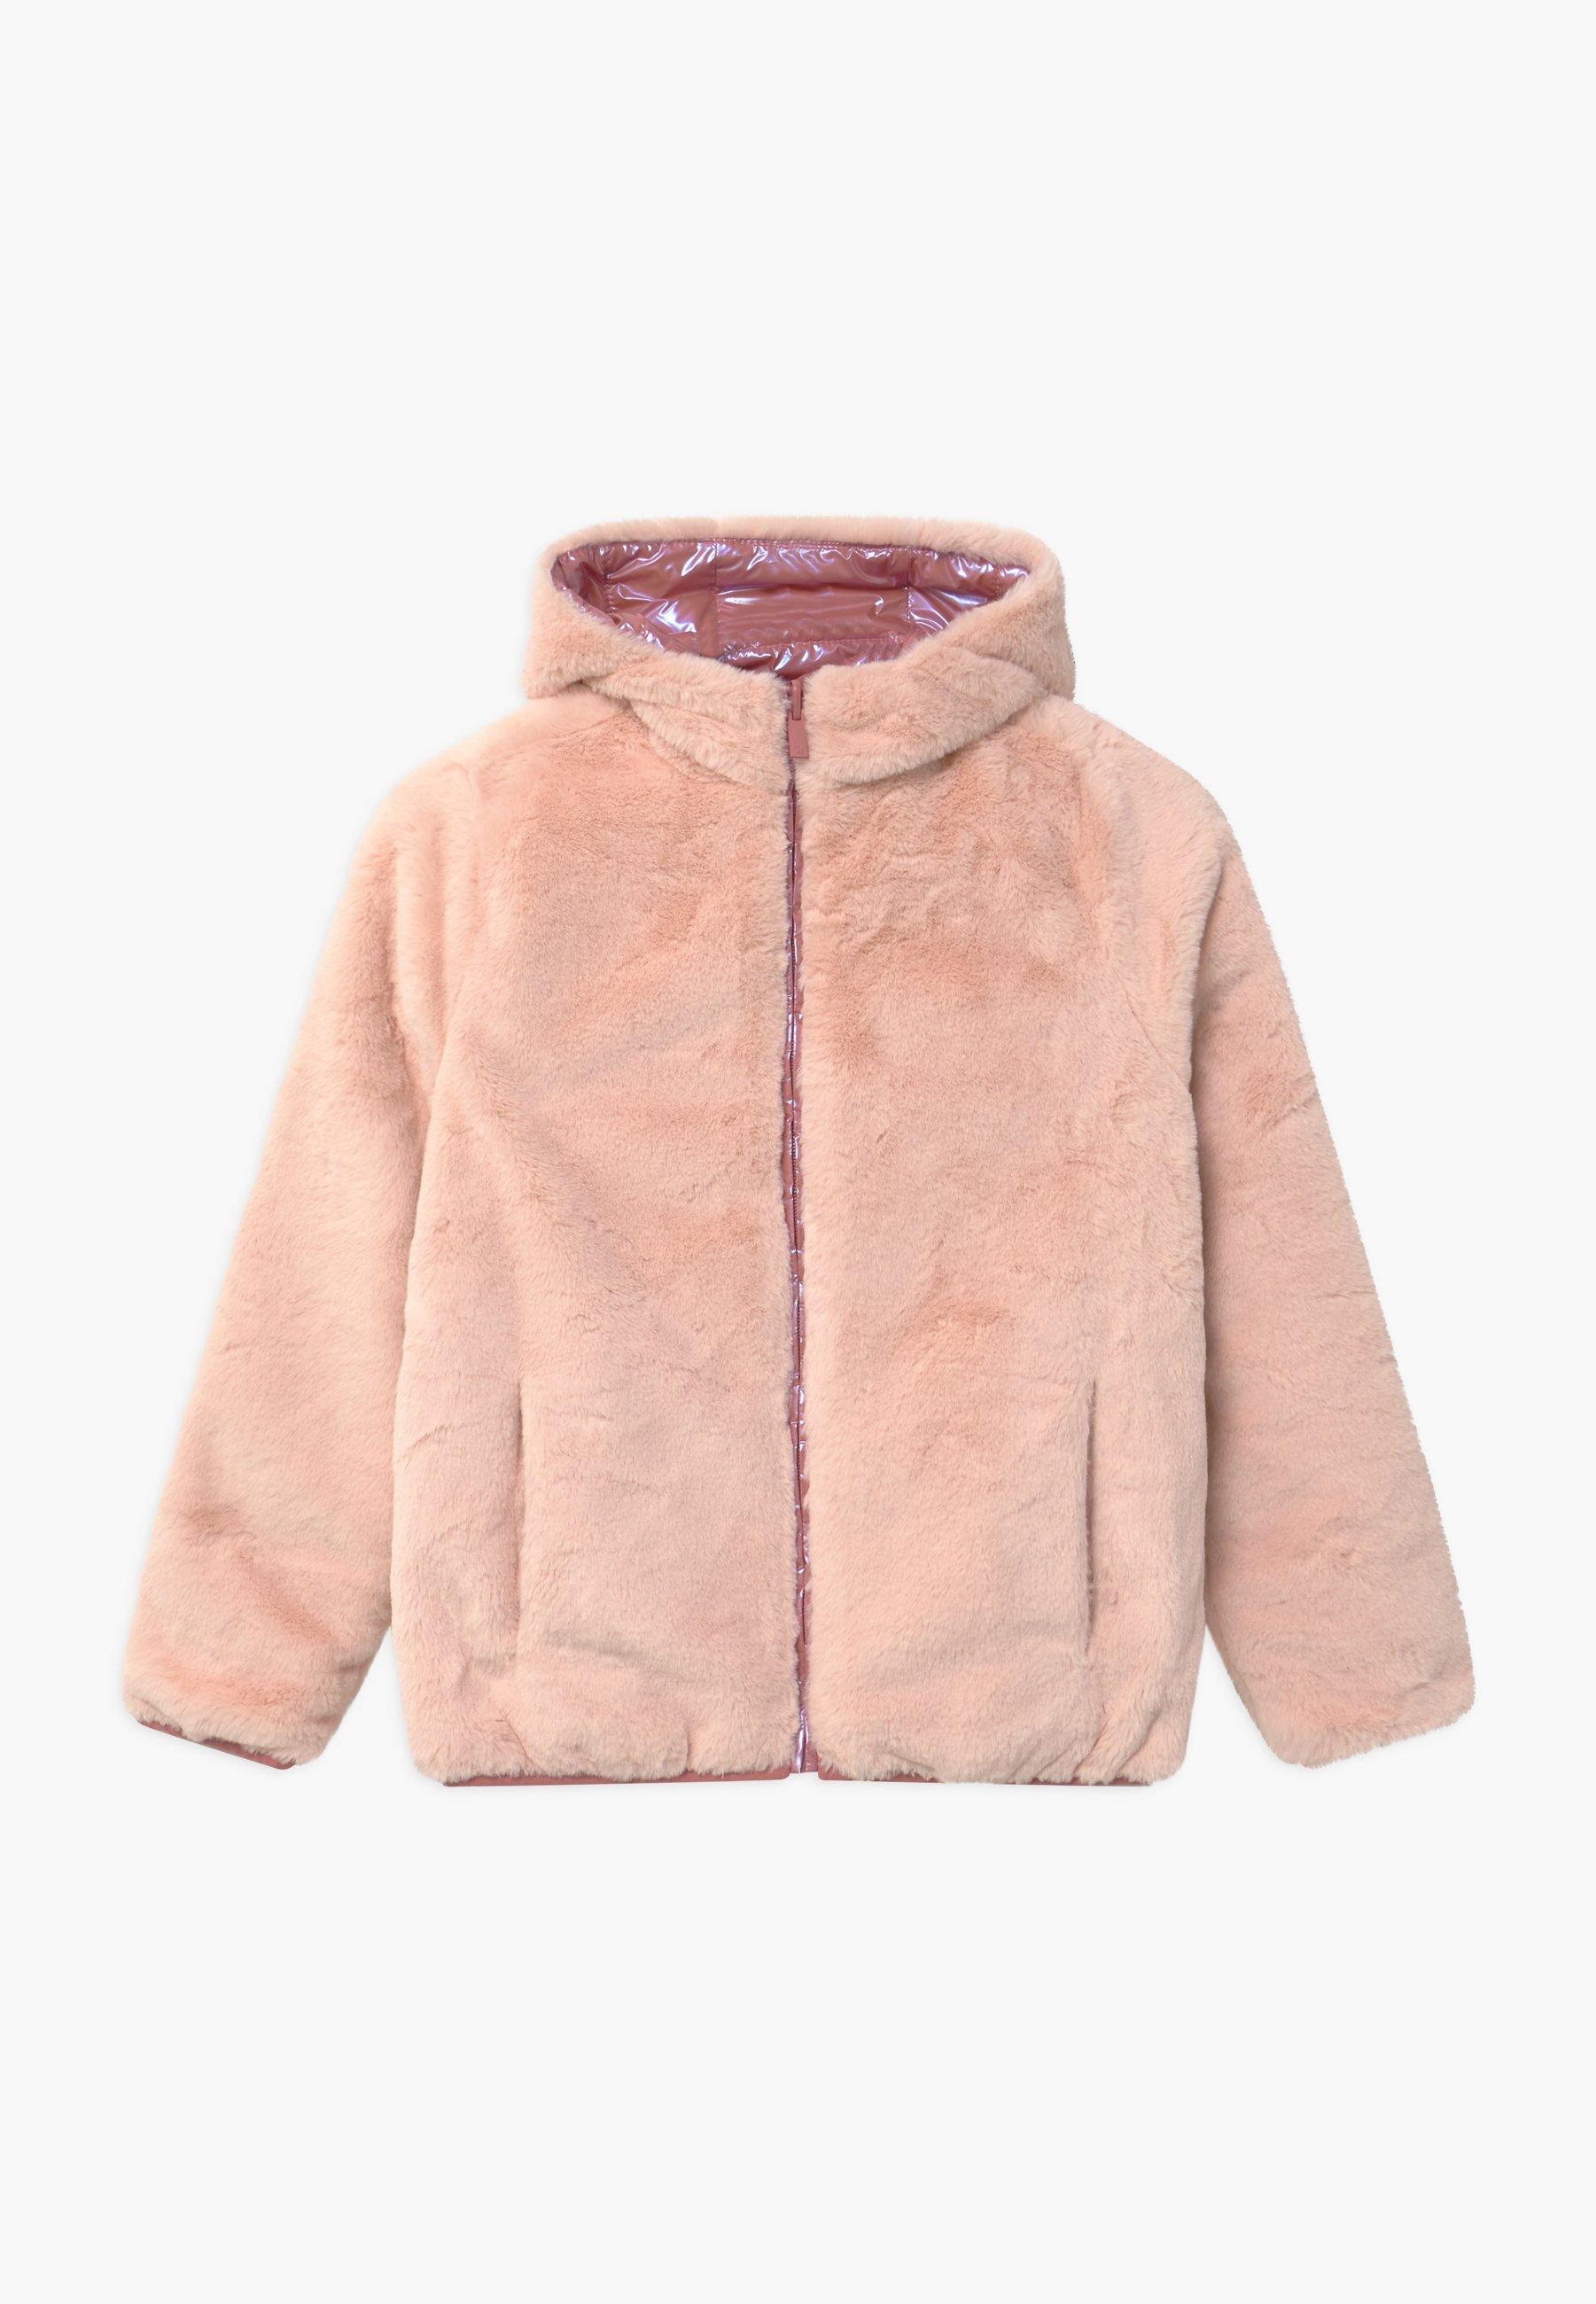 Cena fabryczna Zakupy Abercrombie & Fitch COZY PUFFER - Kurtka zimowa - pink shine | Dzieci Odzież 2020 GsBpQ